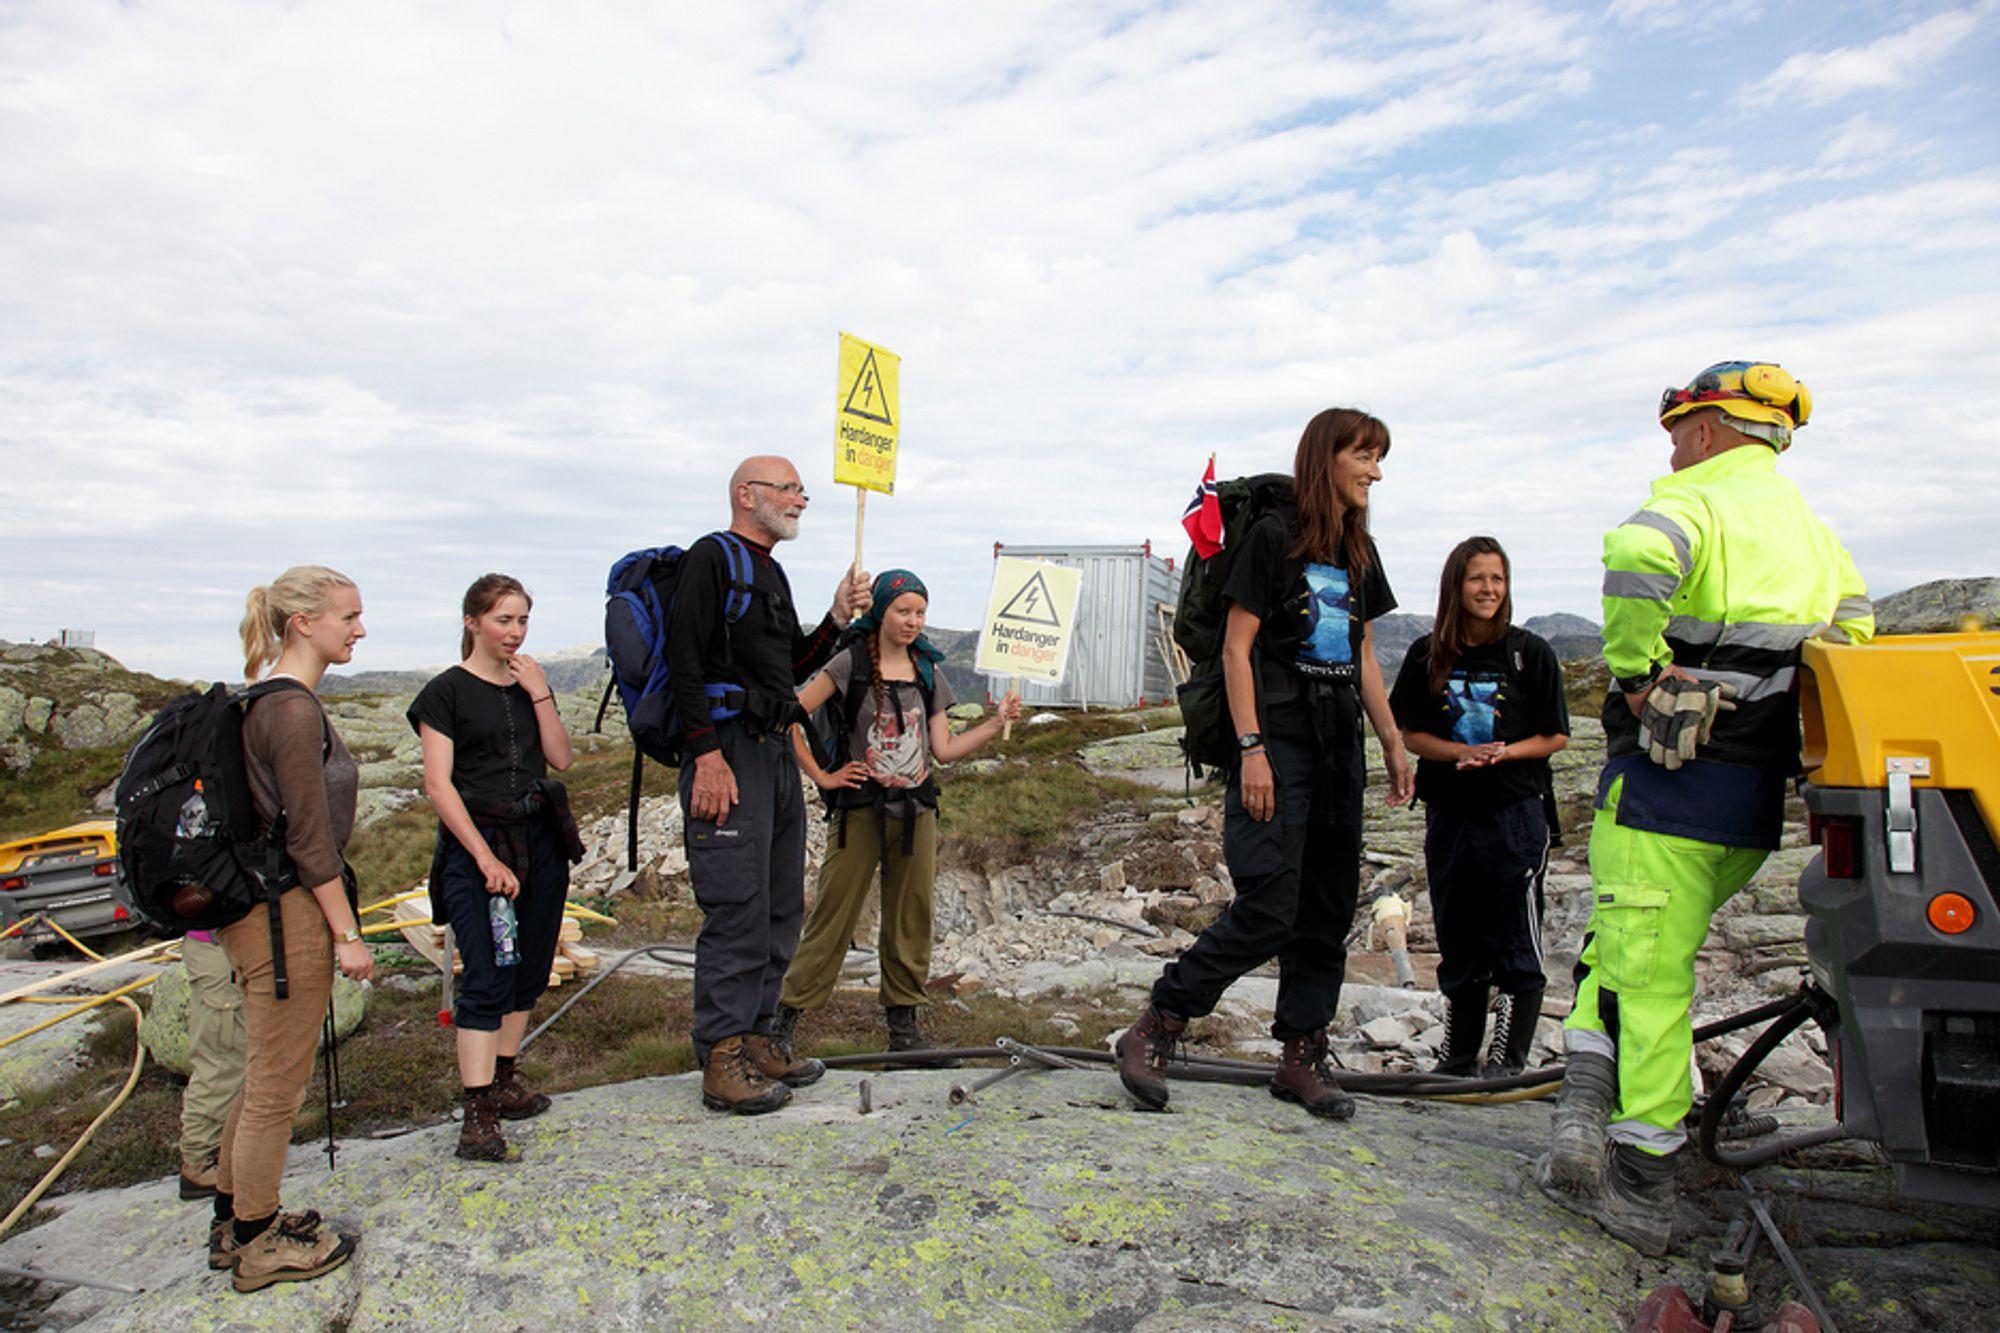 GEMYTTLIG TONE: Det ble ikke akkurat håndgemeng da Hardanger-aksjonisteen møtte linjebyggerne på fjellet over Ålvik forrige torsdag. Men arbeidet måtte innstilles.